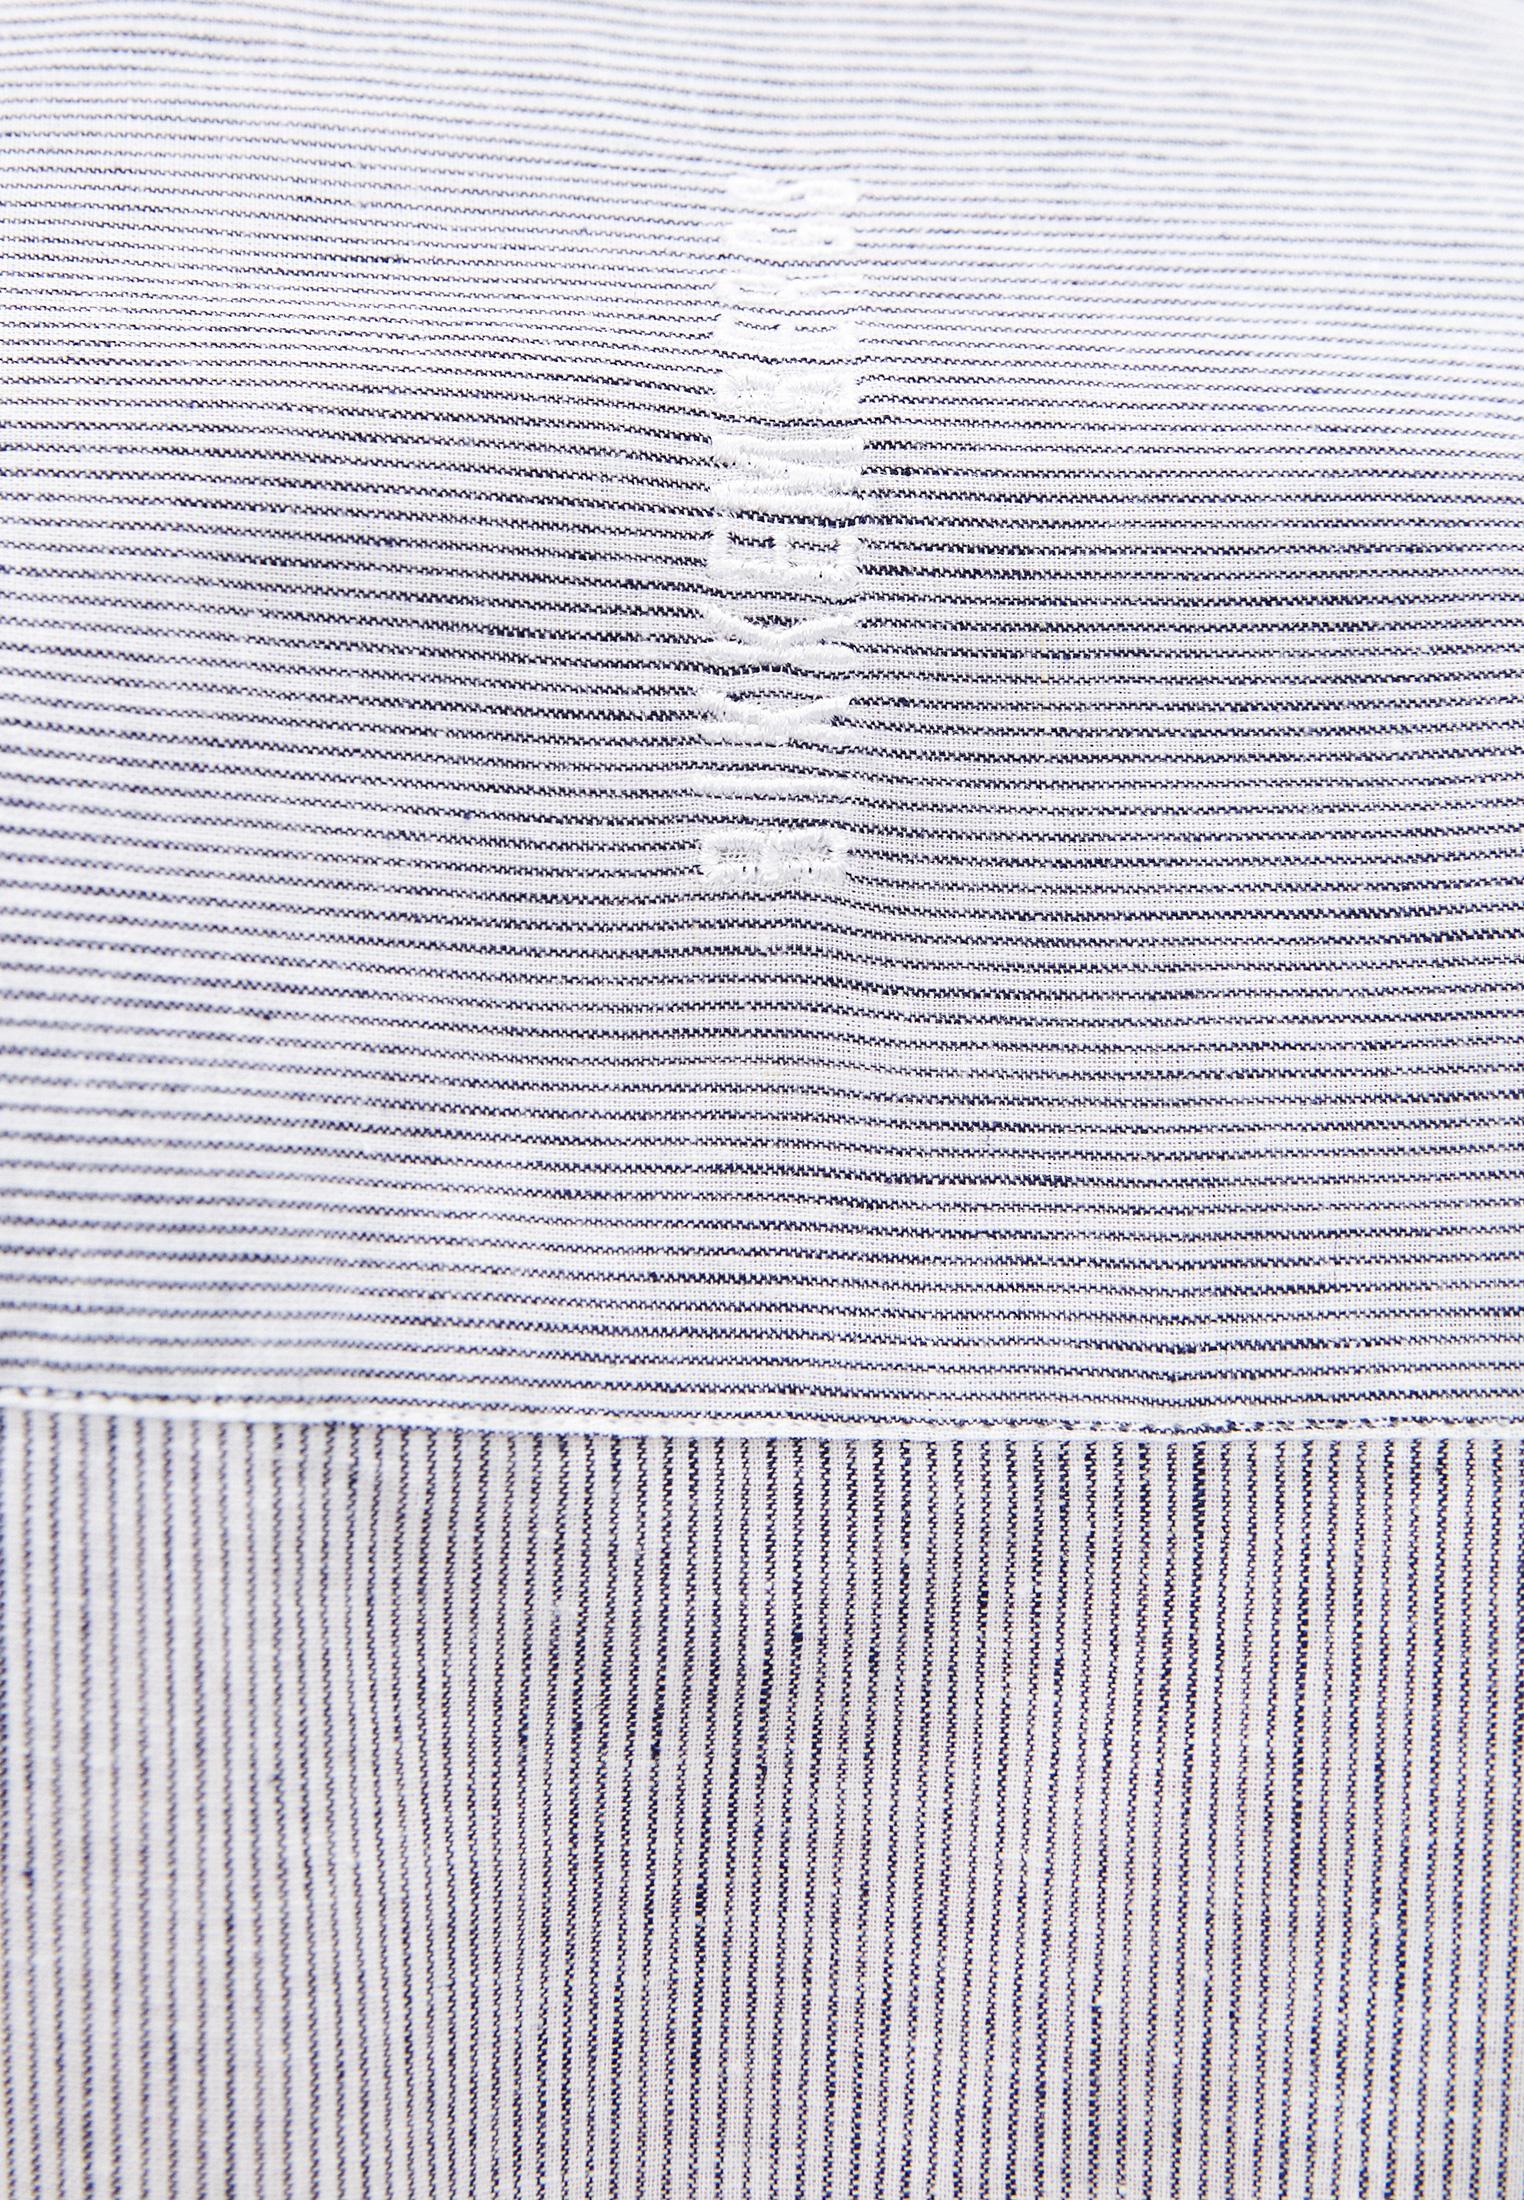 Рубашка с коротким рукавом Bikkembergs (Биккембергс) C C 026 04 T 9756: изображение 5